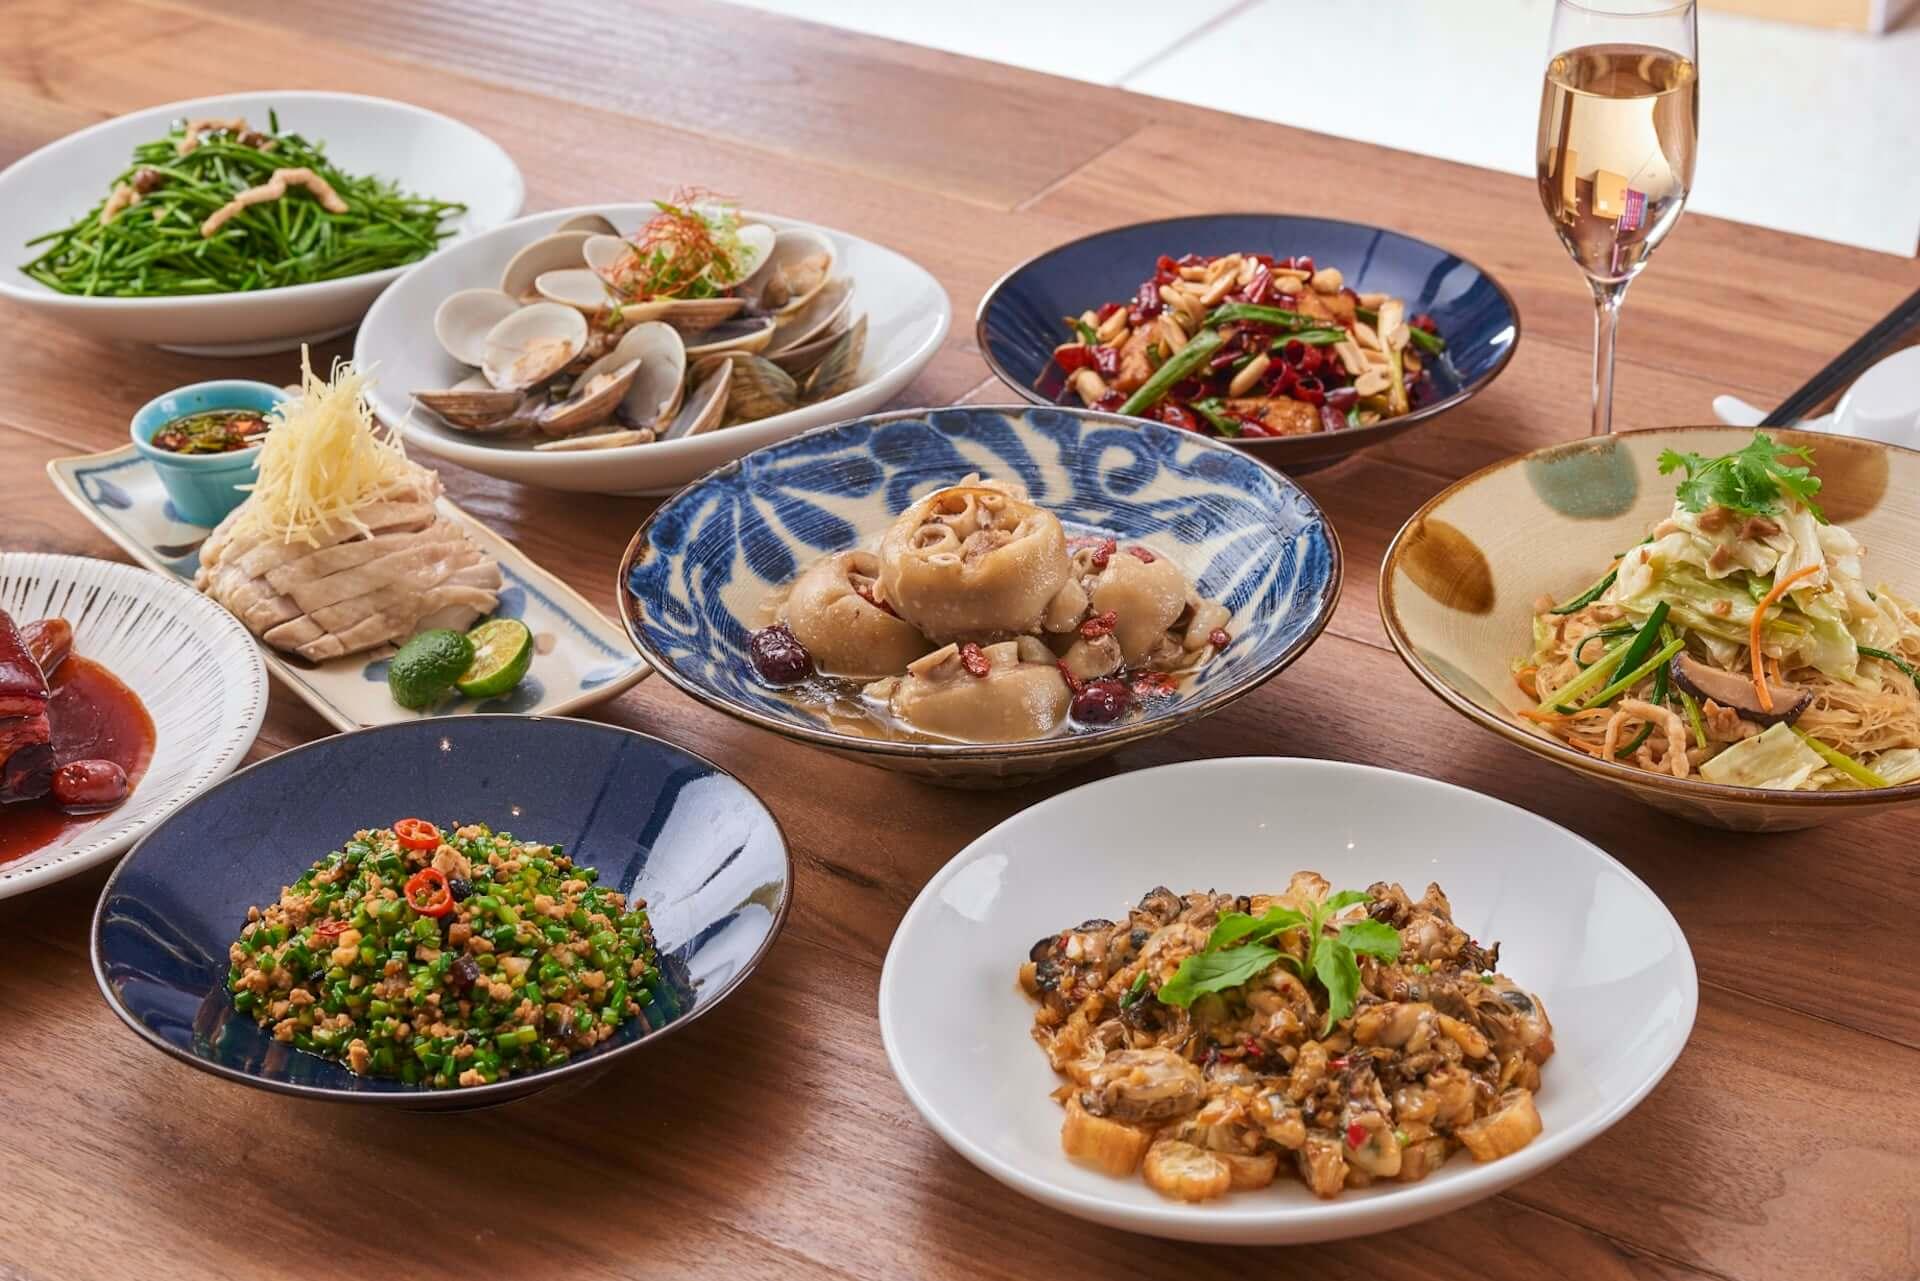 政府が勧める台湾料理!日本に初上陸した富錦樹台菜香檳・室町店がフードメニューのテイクアウトサービスを開始 gourmet200326_fujintree_1-1-1920x1281